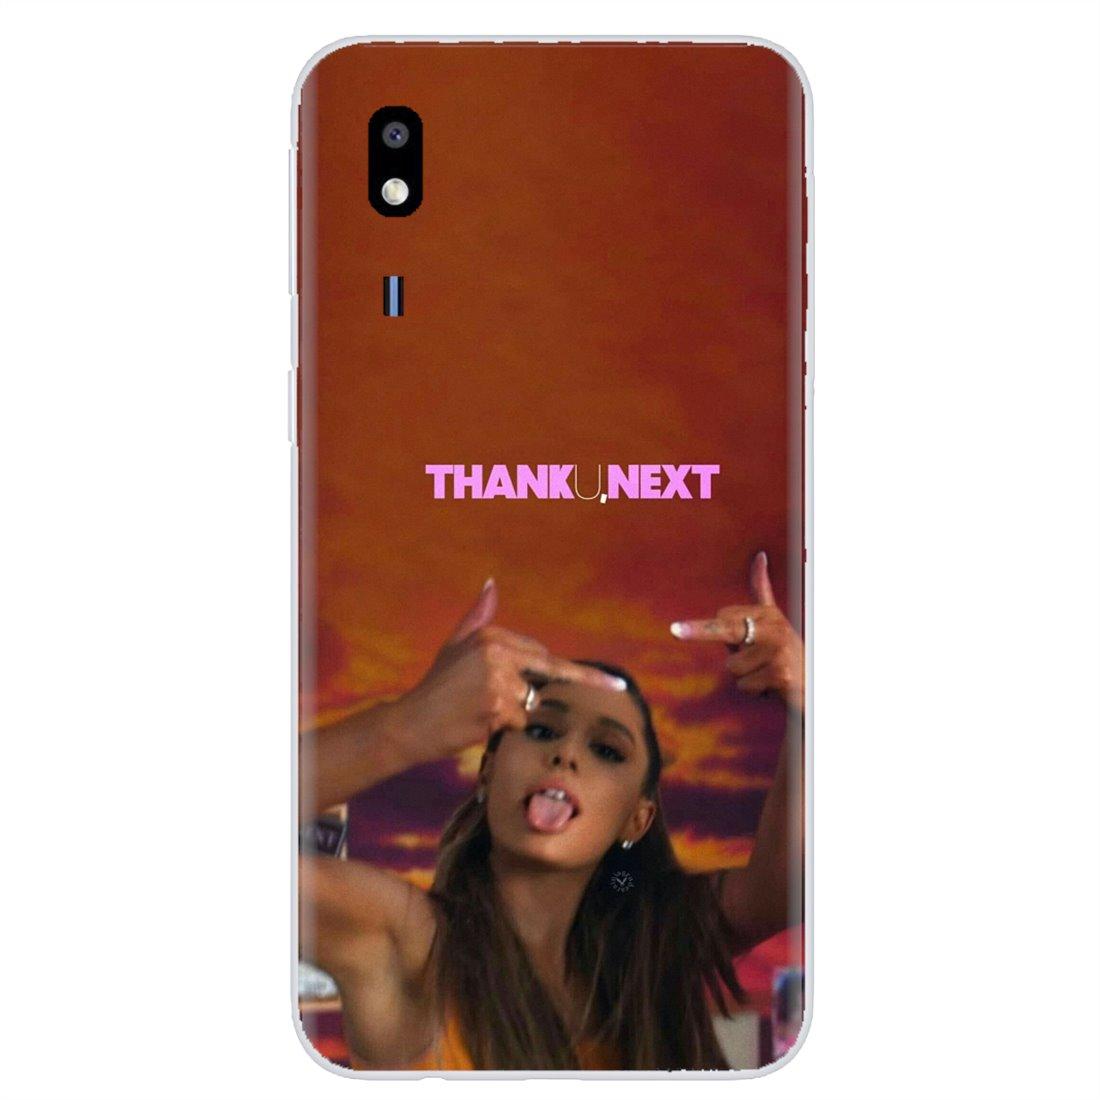 Para Motorola Moto G G2 G3 X4 E4 E5 G5 G5S G6 Z Z2 Z3 C jugar Plus personalizar la caja del teléfono de silicona de Ariana Grande mi corazón Super chica